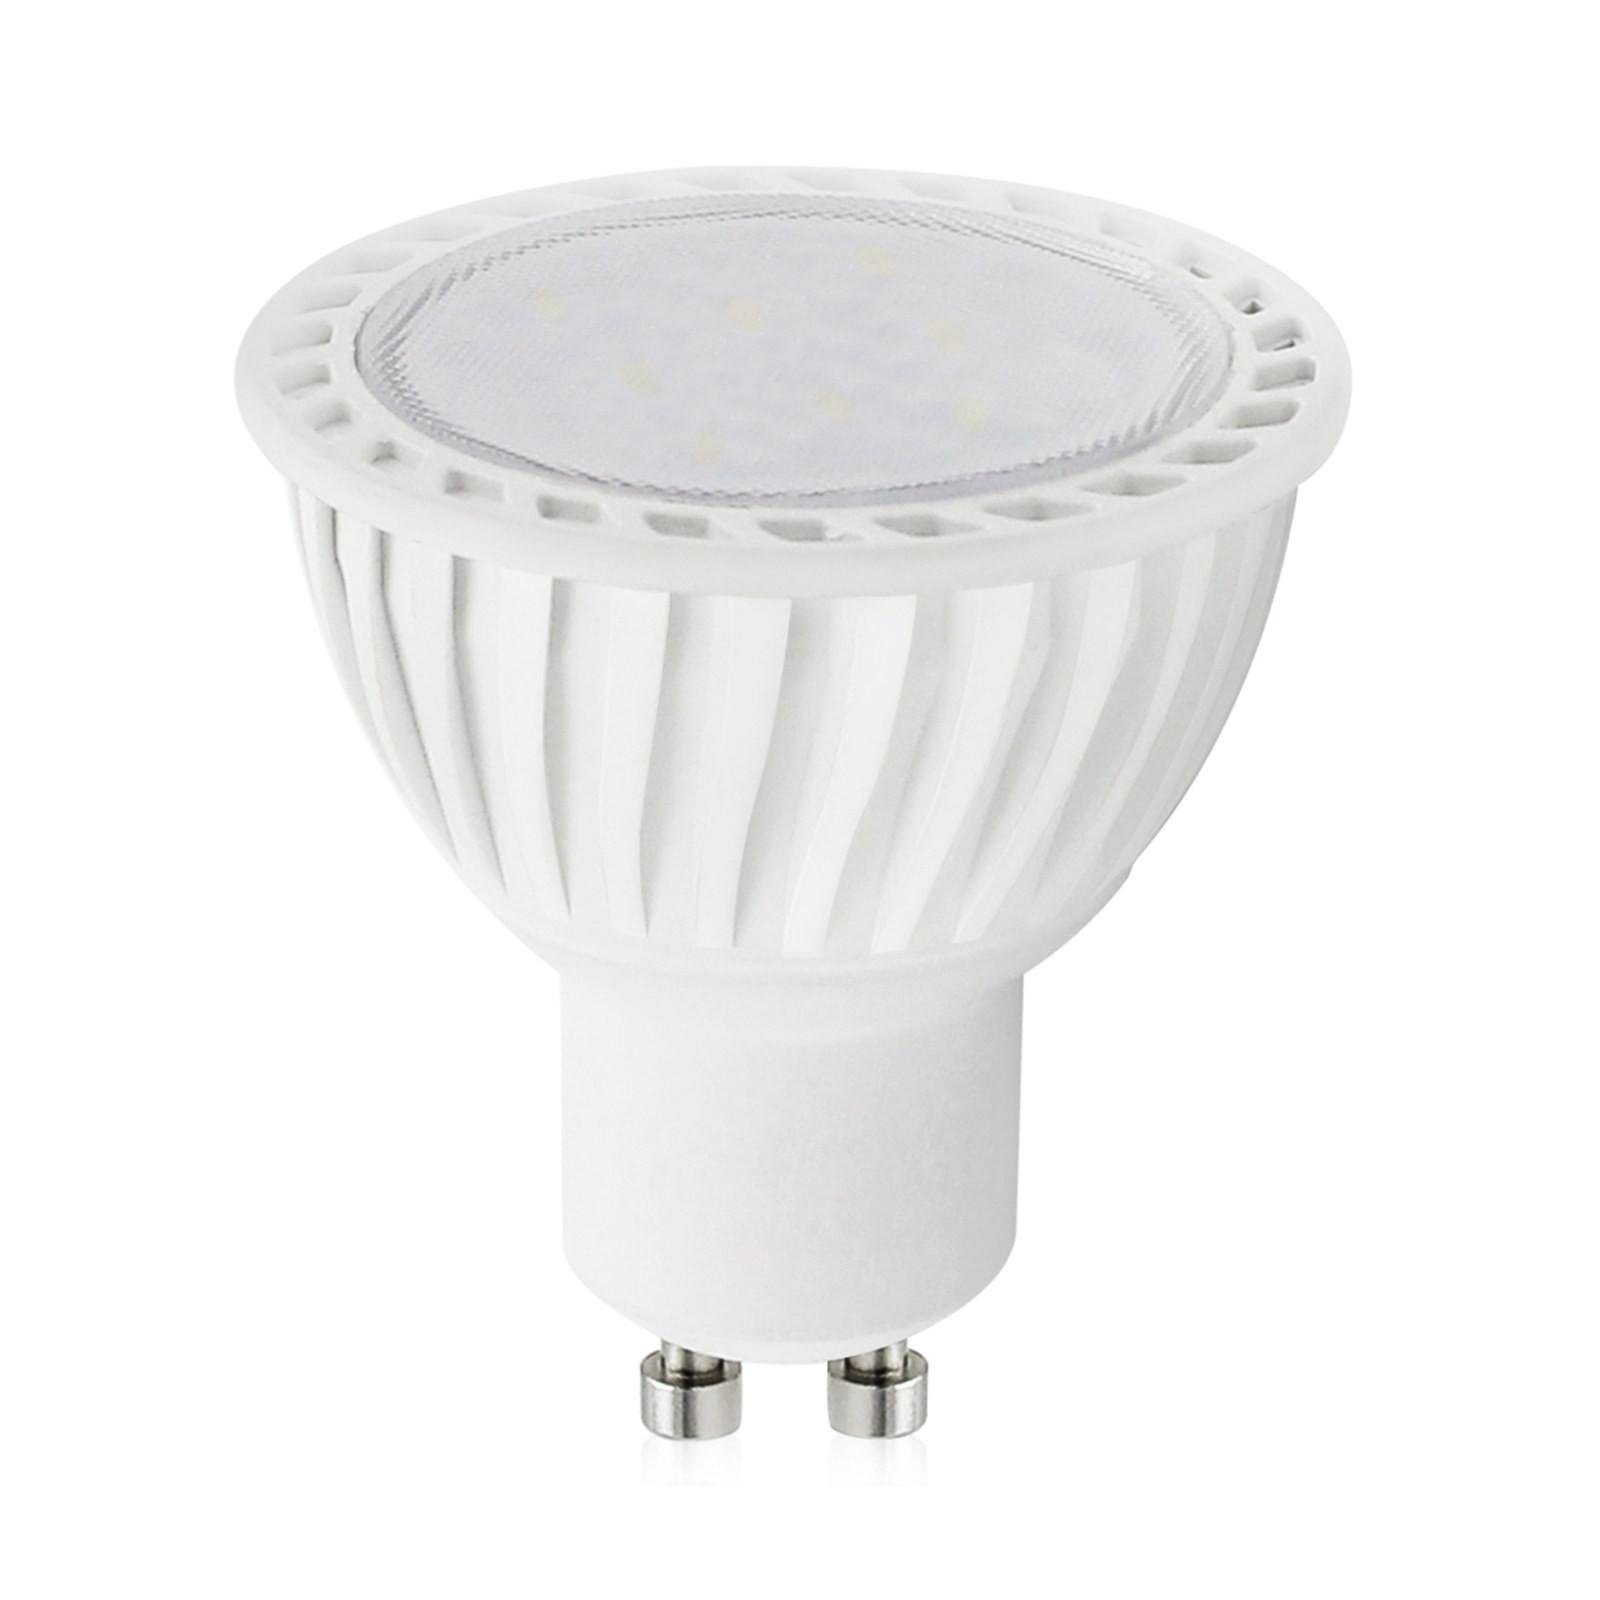 Lampada led lampadina gu10 luce bianca naturale par16 life for Lampada led 50 watt